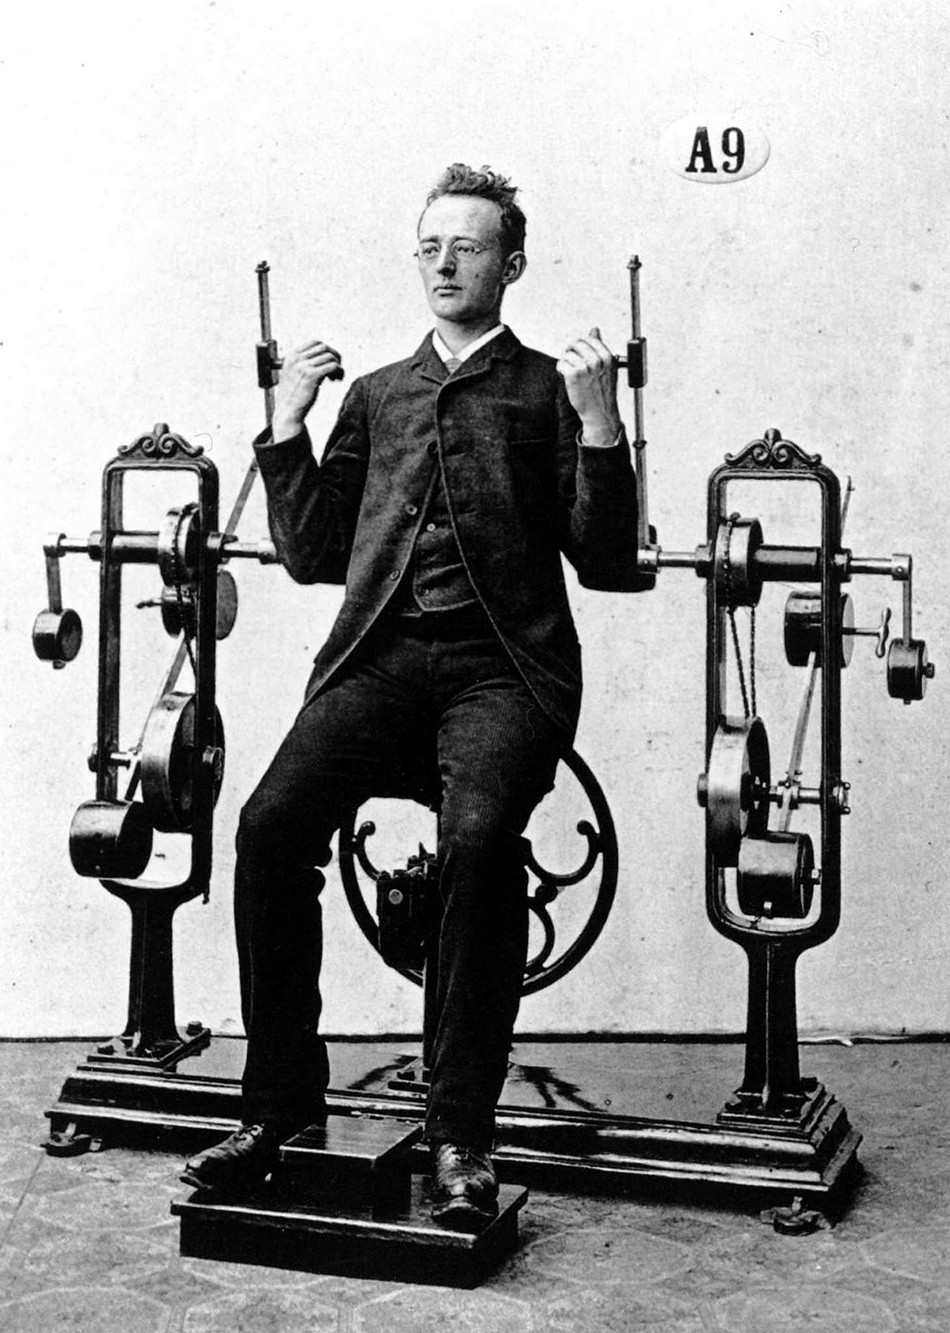 Удивительные снимки из тренажерных залов конца XIX века